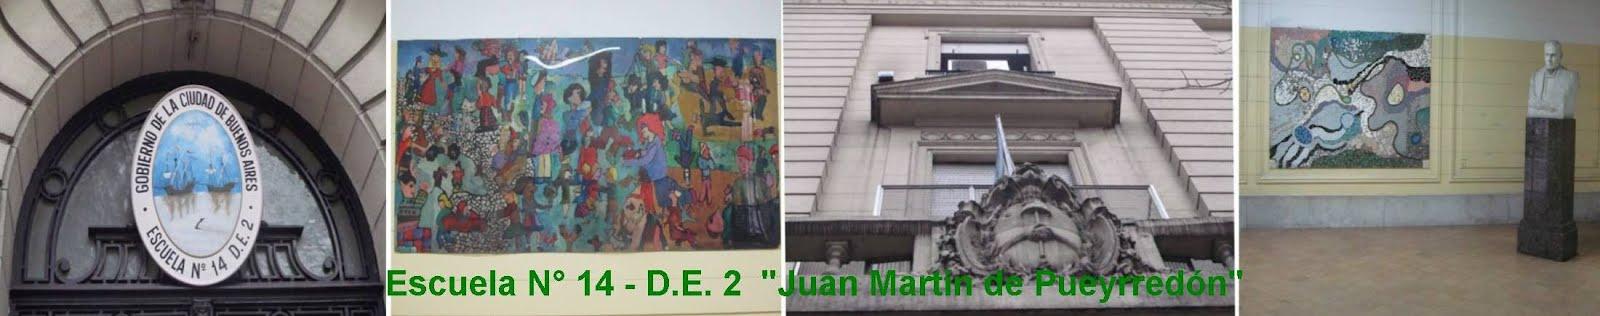 """Escuela Nº 14 - D.E. 2 """"Juan Martín de Pueyrredón"""""""